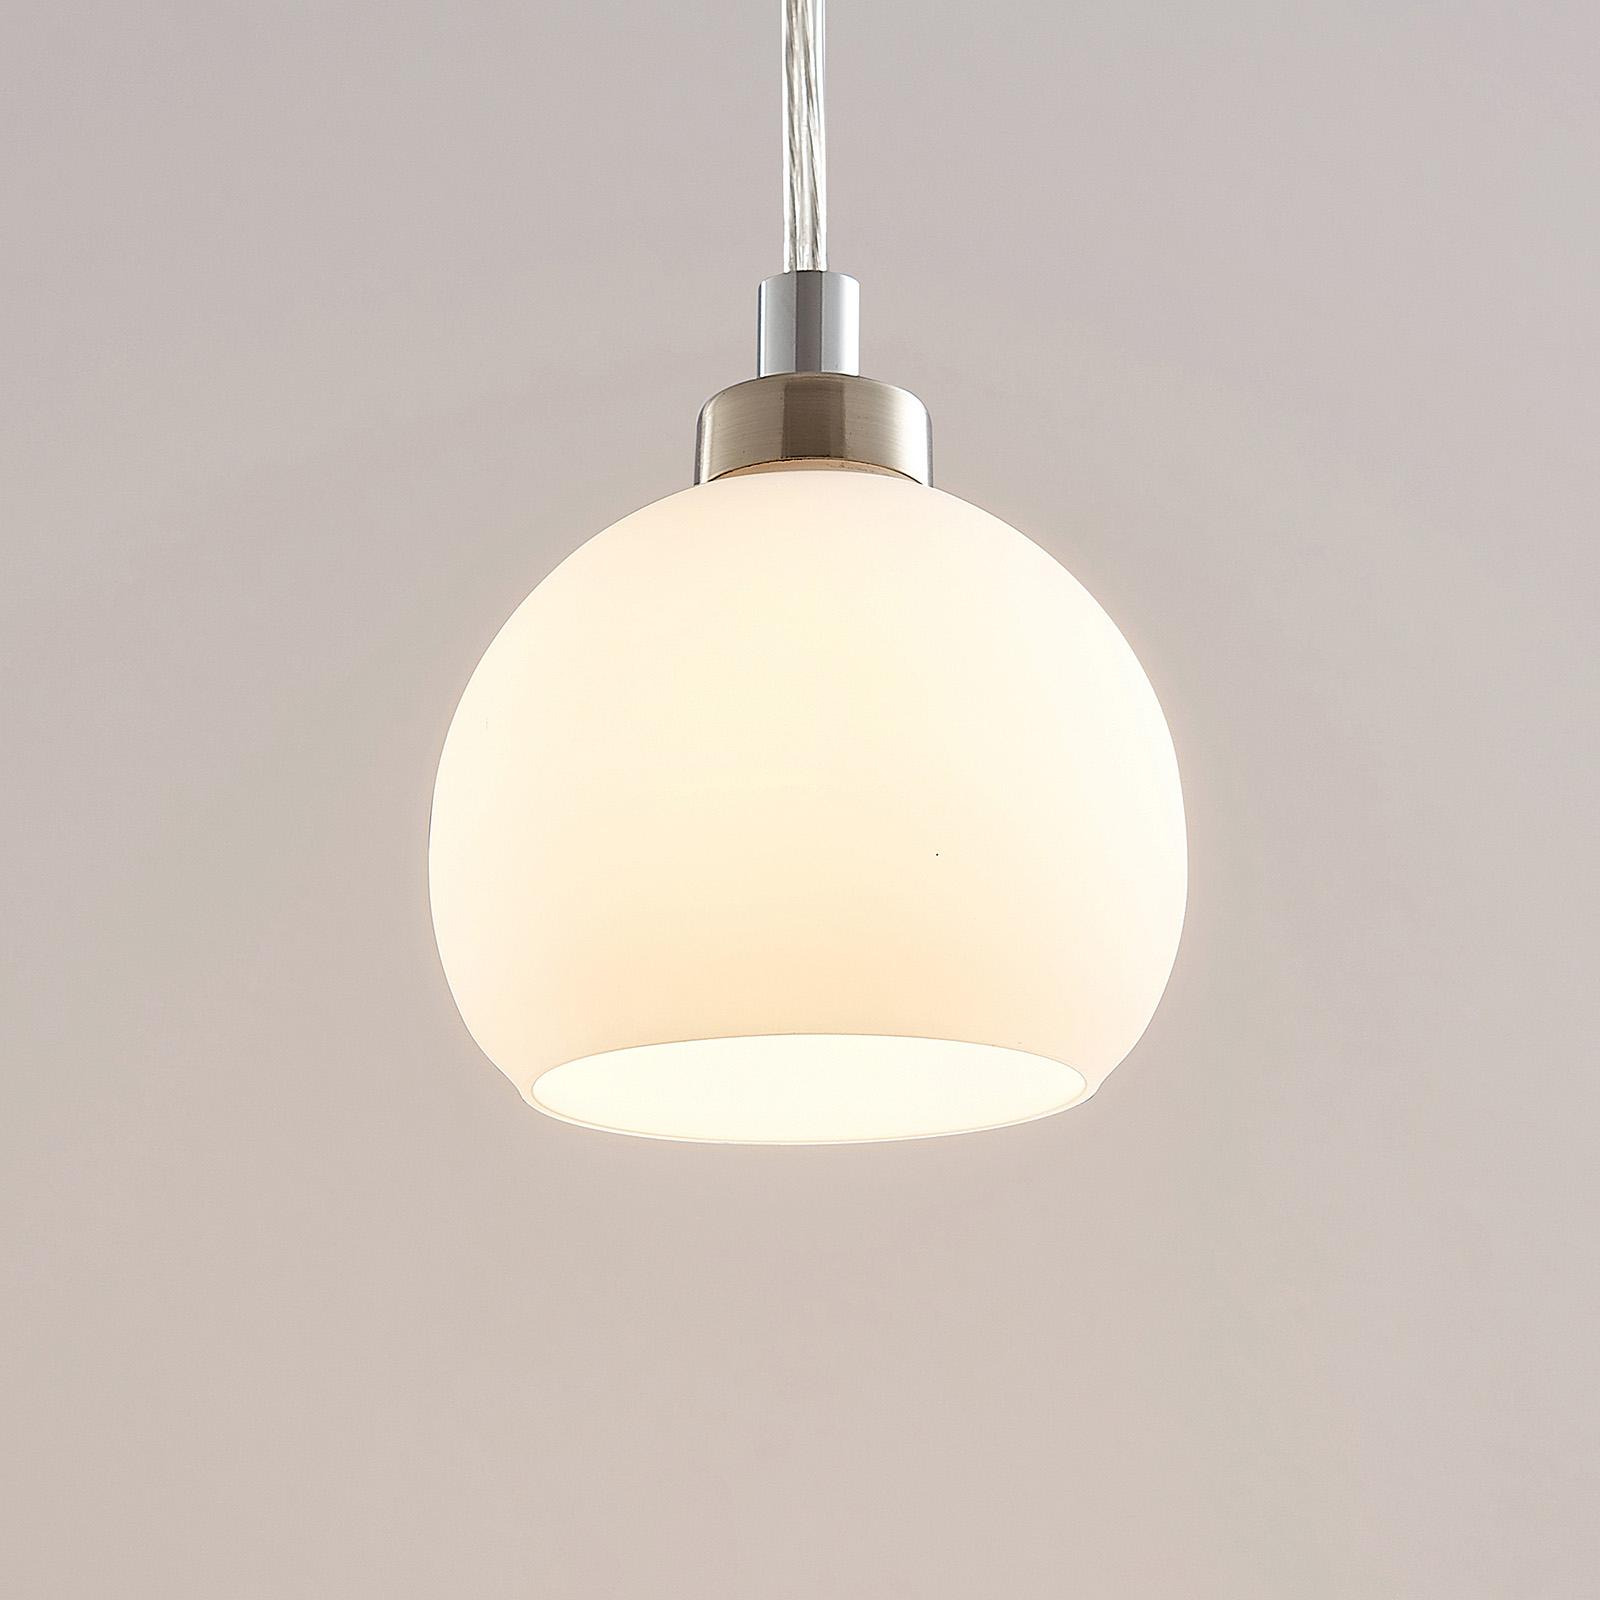 LED-riippuvalaisin Kimi 1-vaihekiskoon, nikkeli